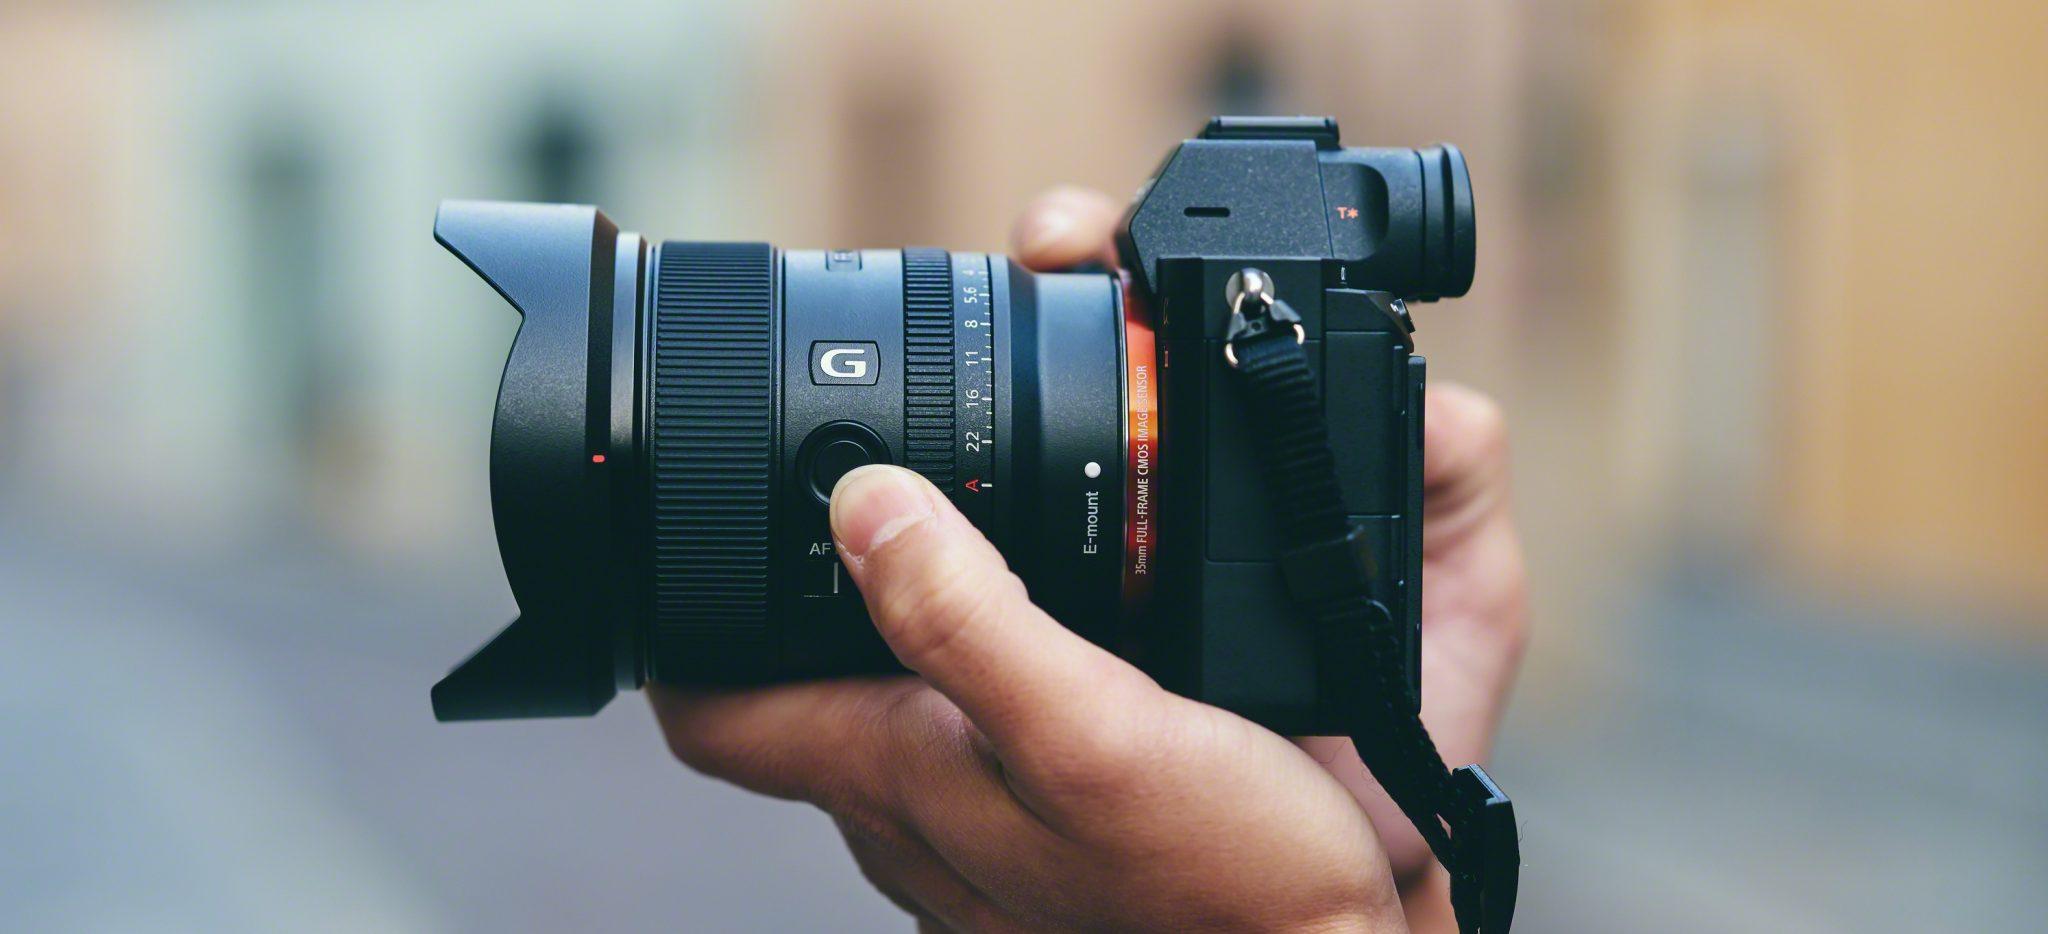 Il nuovo obiettivo FE 20 mm F1,8 G di Sony, ultragrandangolo a focale fissa thumbnail